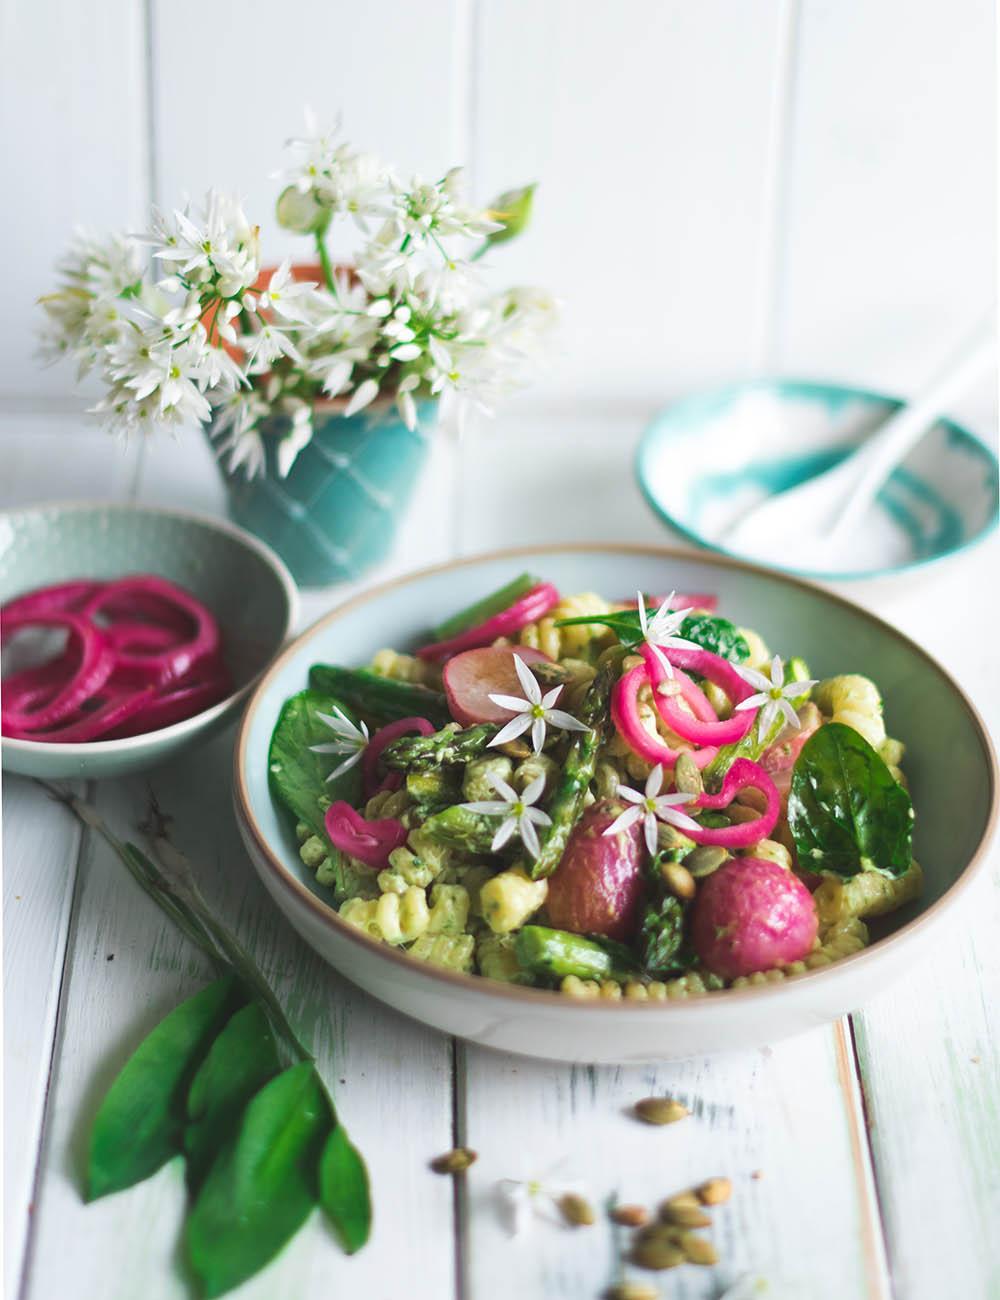 Frühlings-Nudelsalat, Spargel, Bärlauch und Blüten